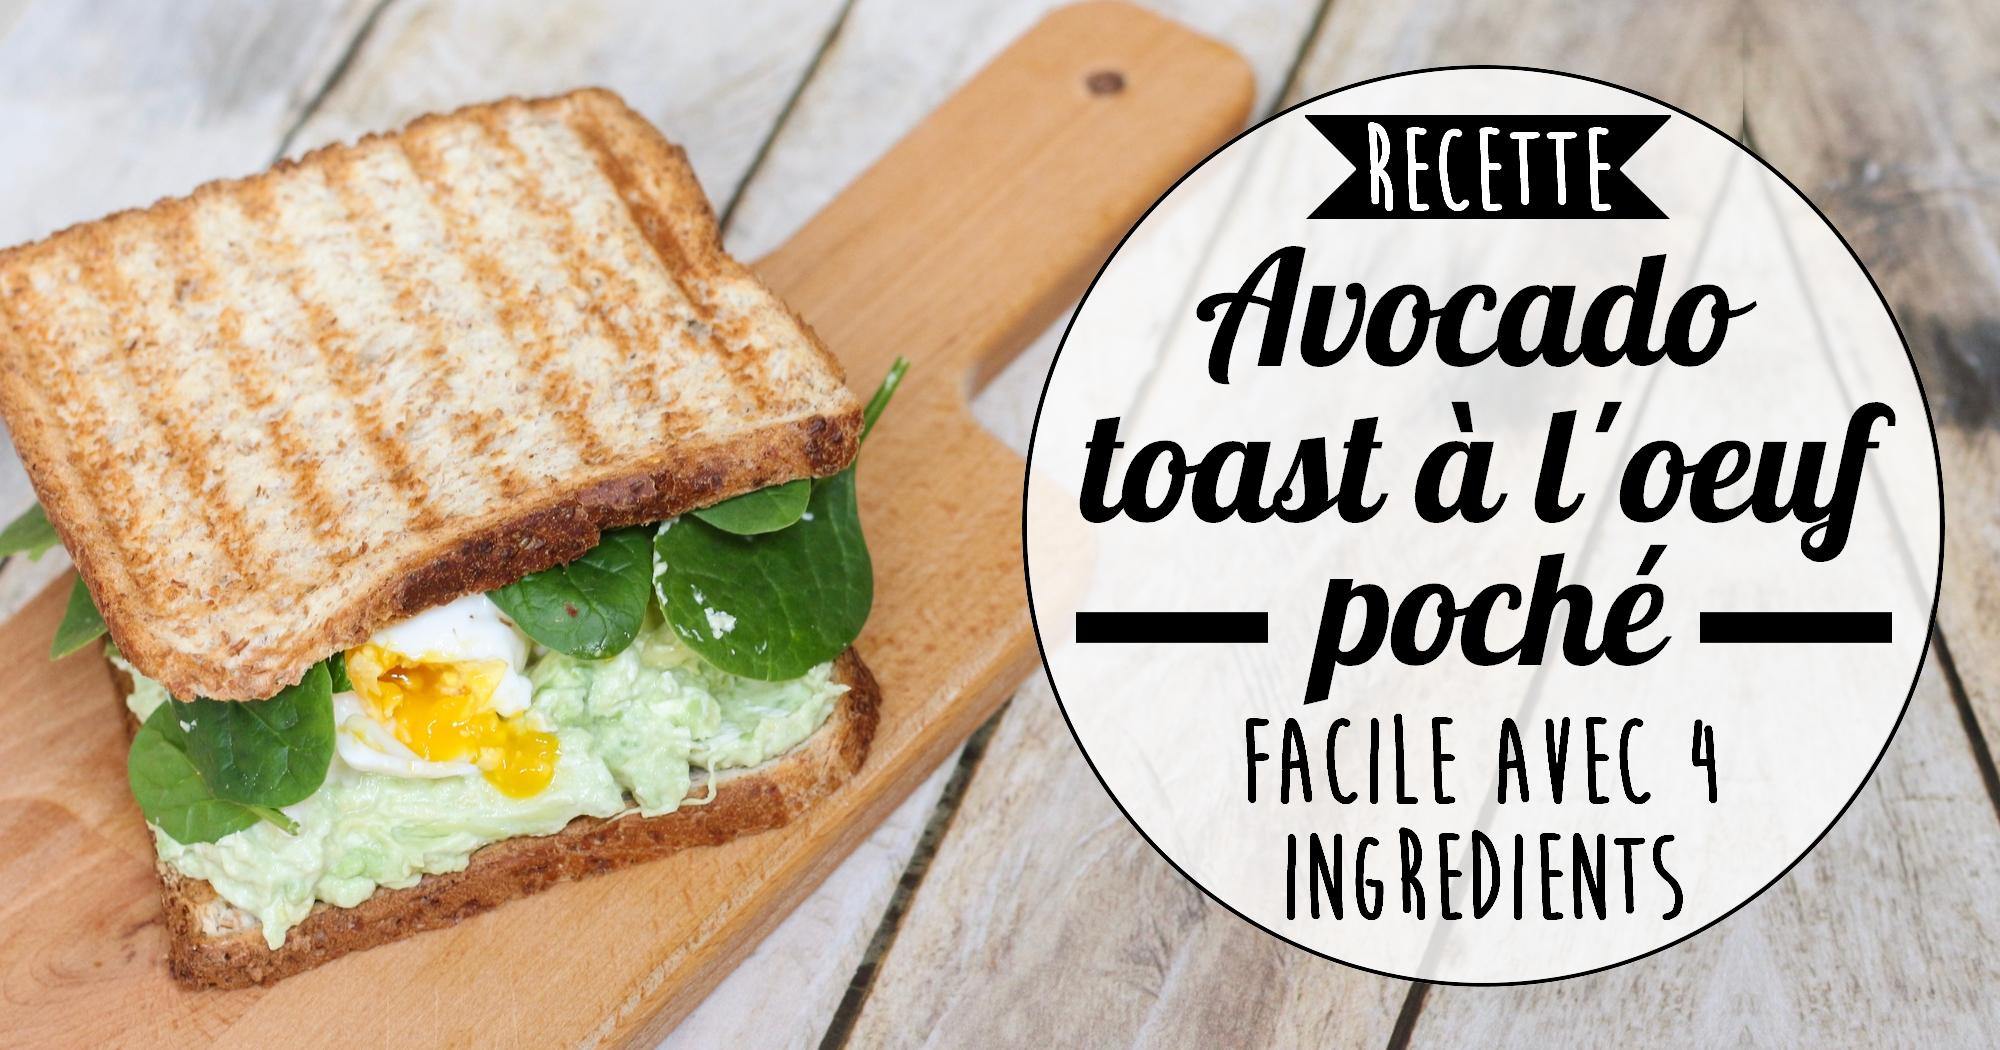 Recette rapide avec 4 ingrédients : avocado toast et oeuf poché